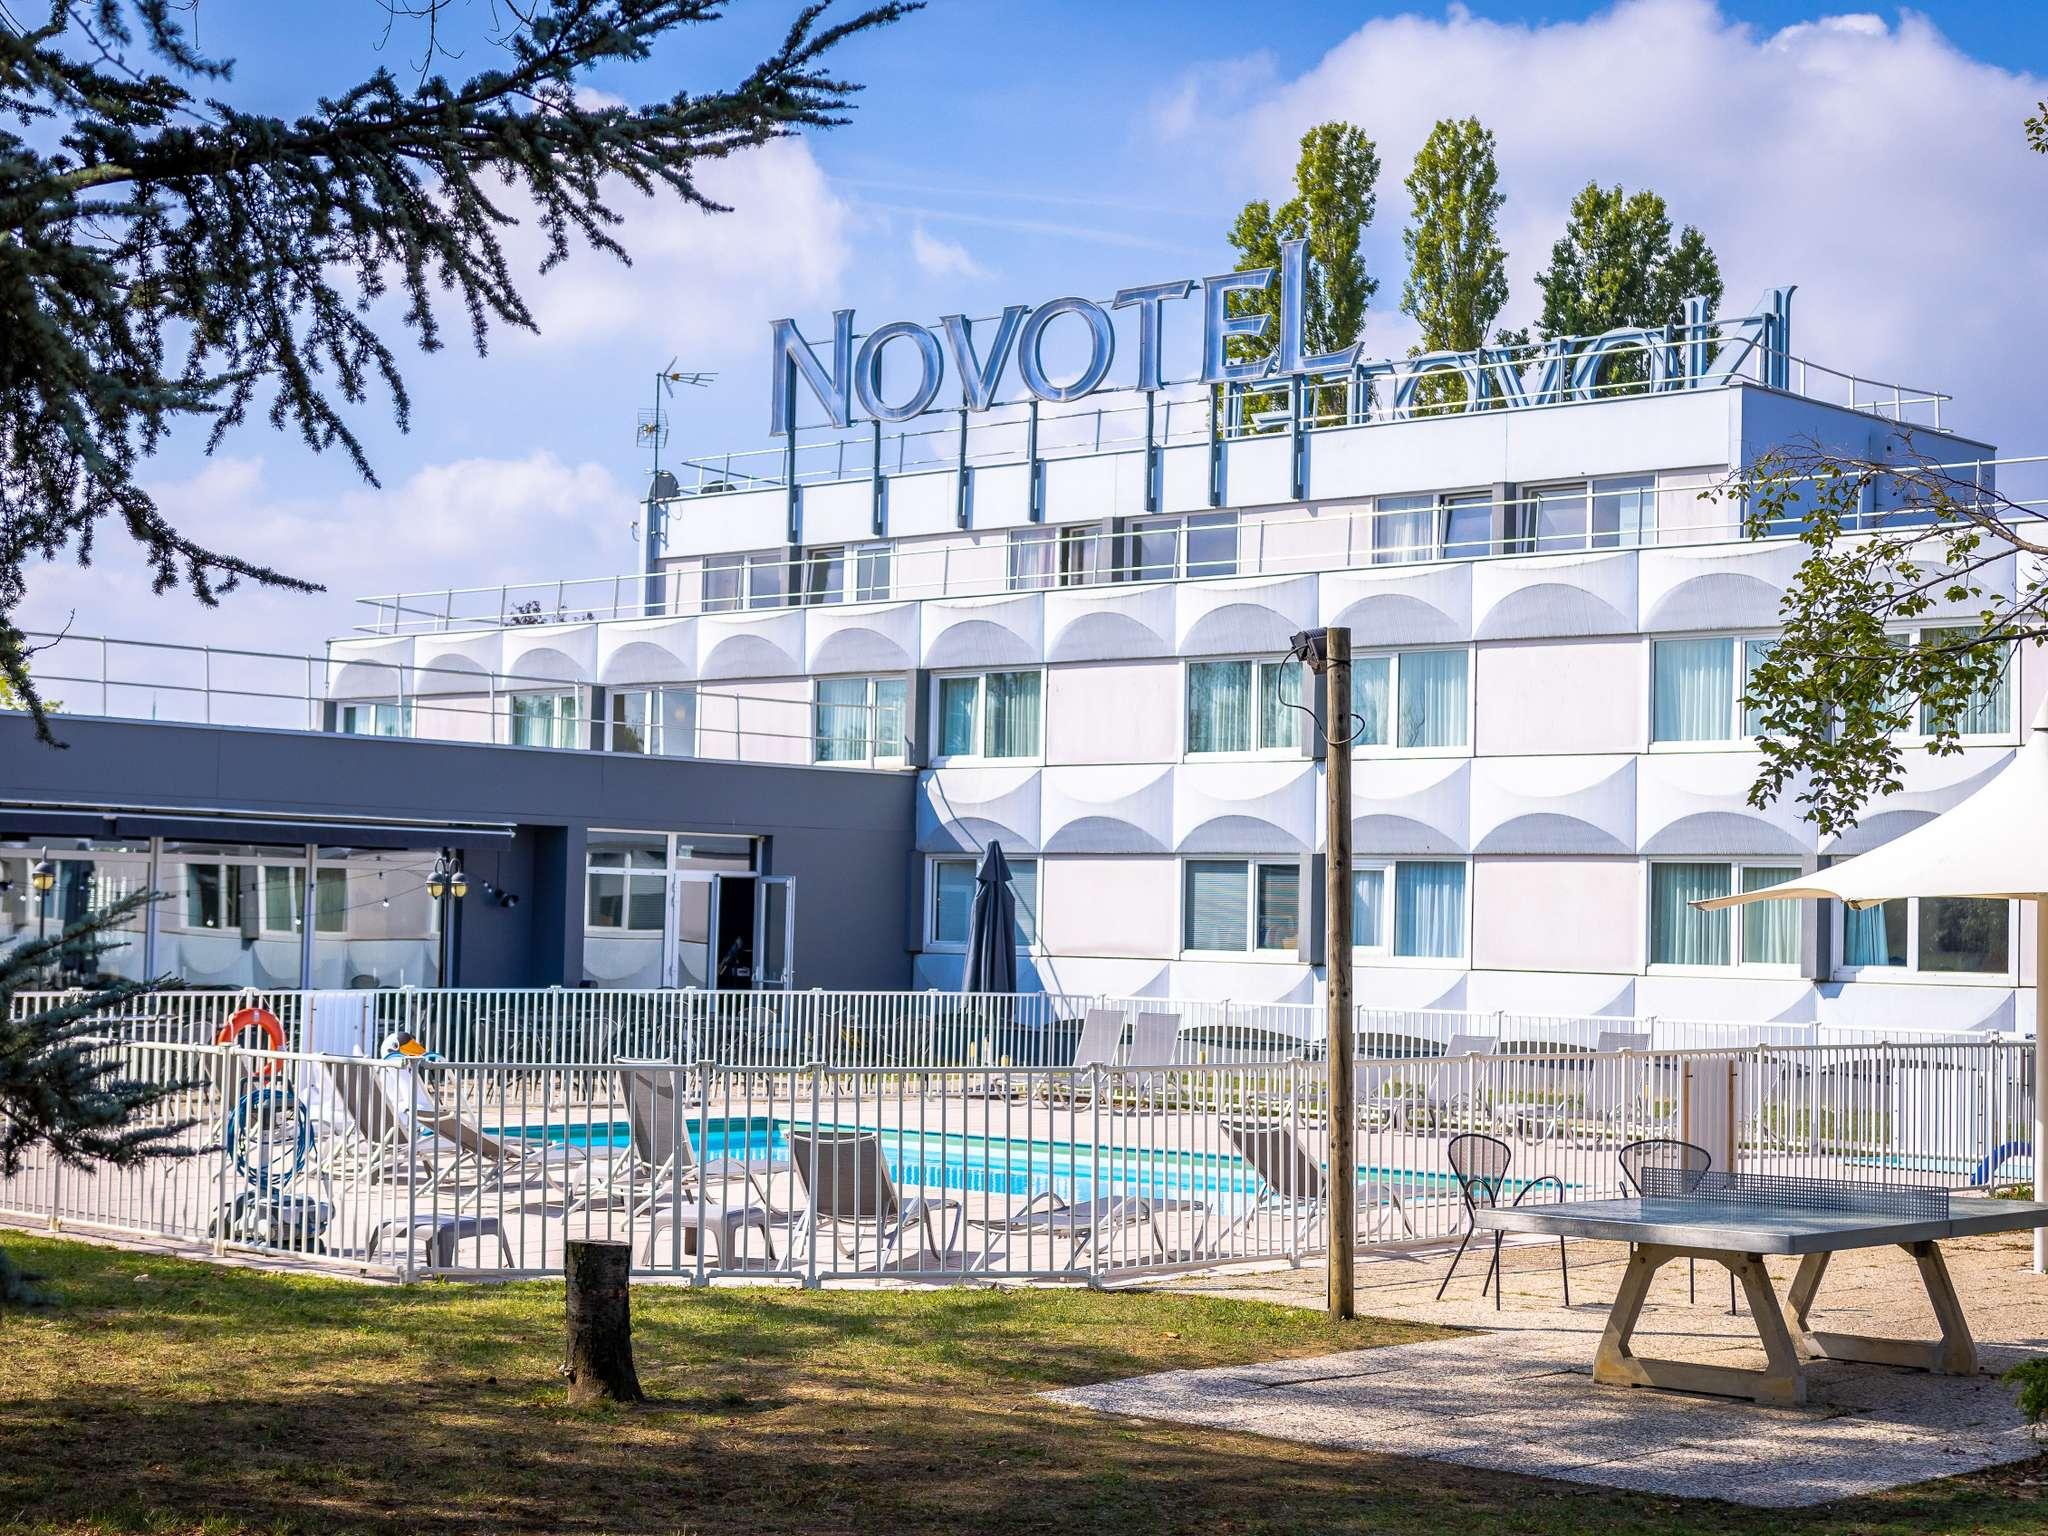 Hotel - Novotel Mulhouse Bâle Fribourg